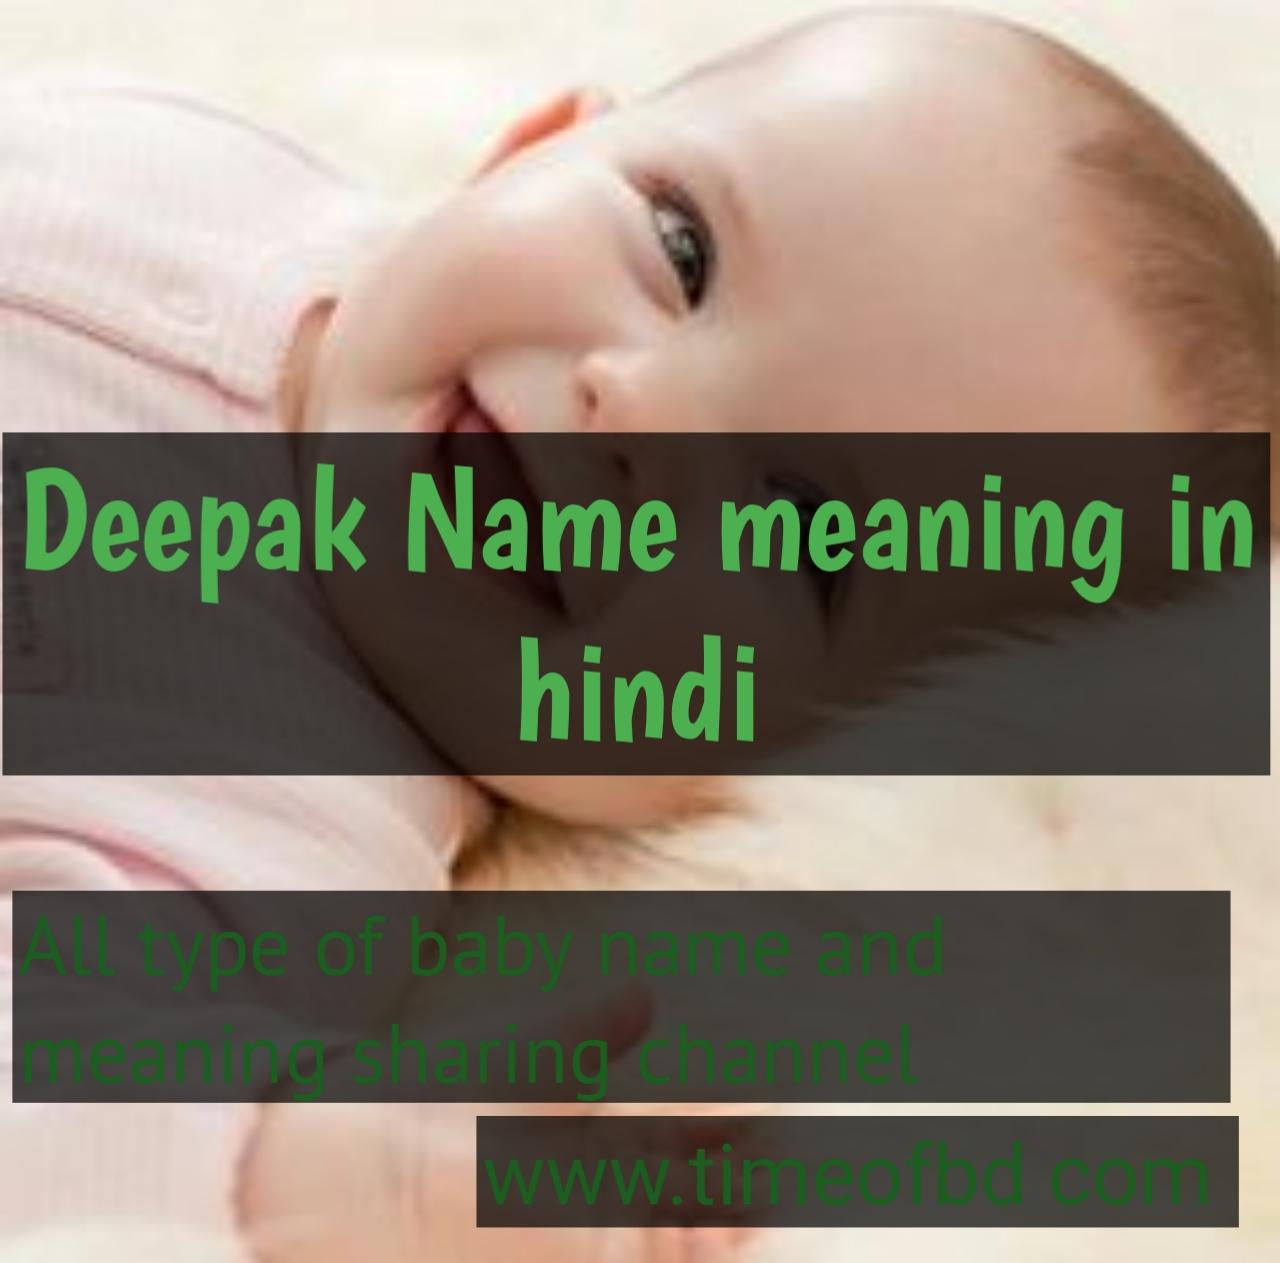 deepak name meaning in hindi, deepak ka meaning ,deepak meaning in hindi dictioanry,meaning of deepak in hindi